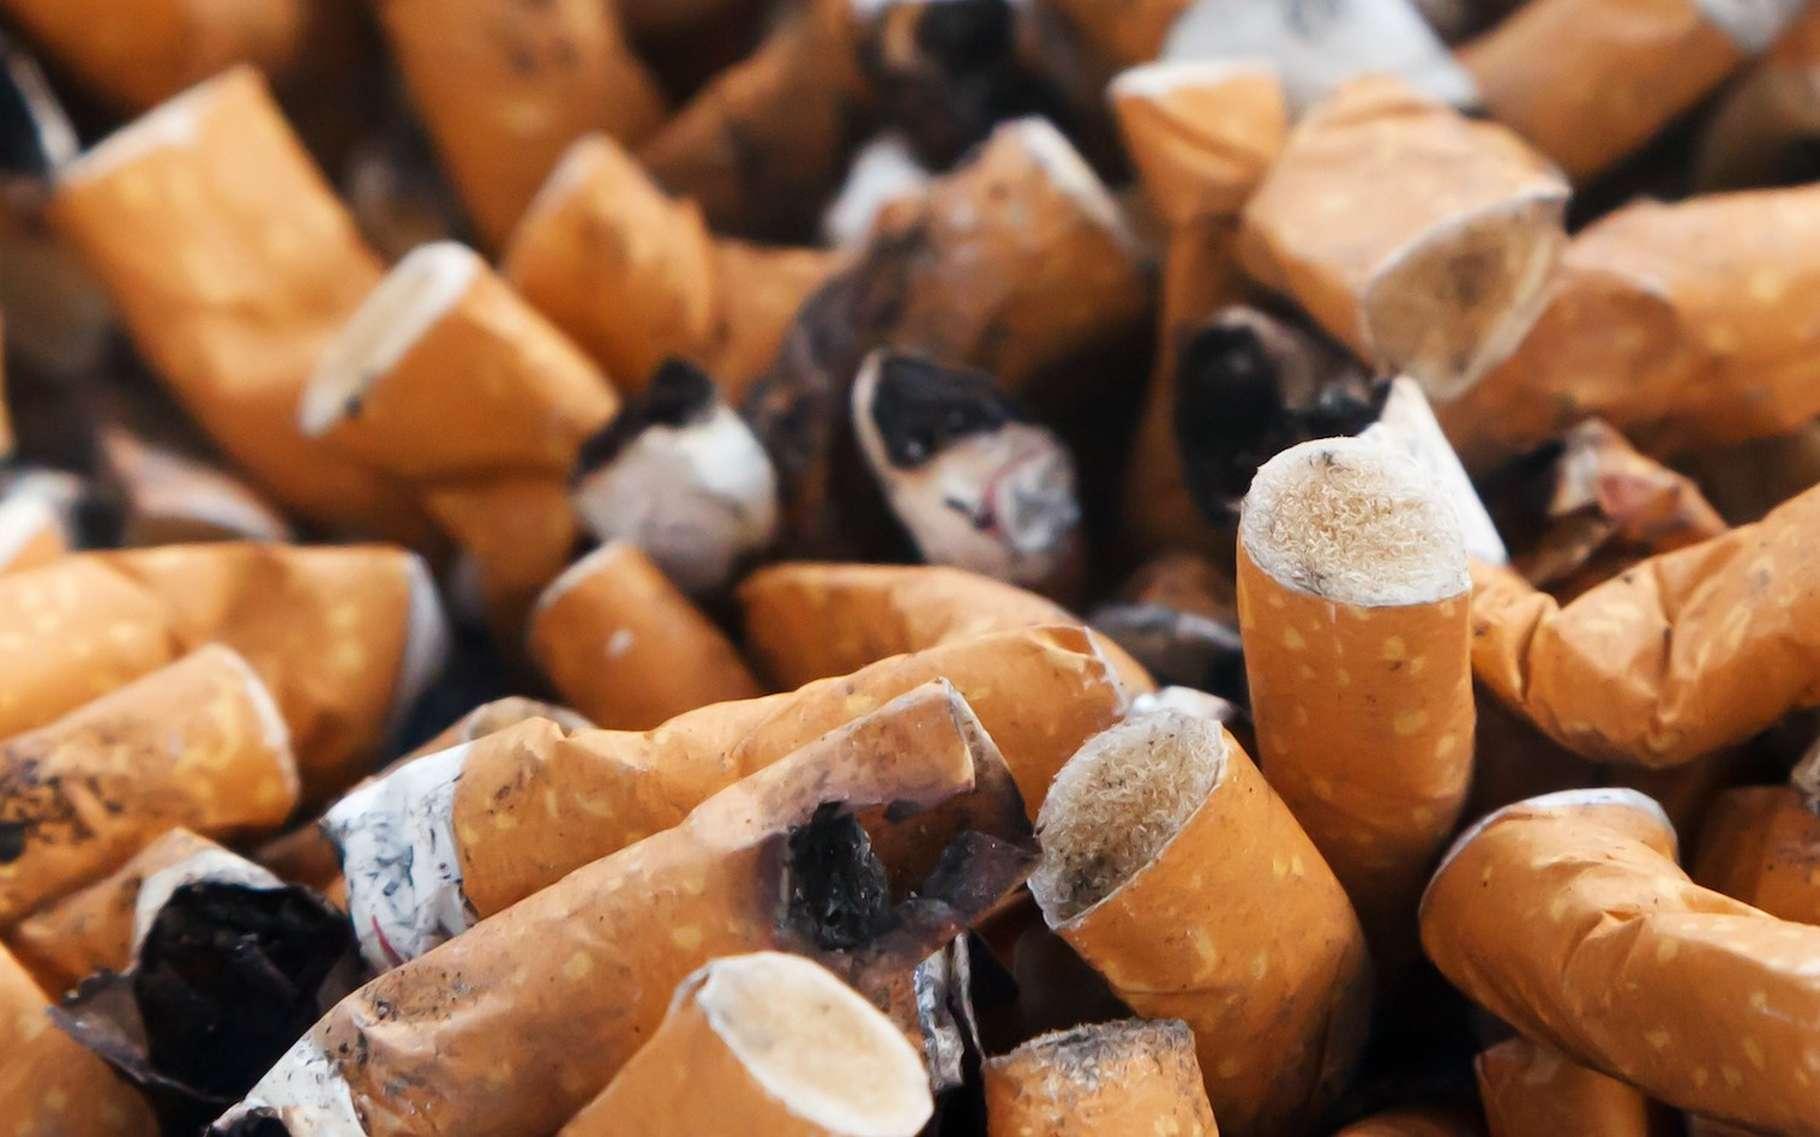 Les mégots sont des déchets particulièrement polluants. Une entreprise du Finistère semble avoir trouvé une solution pour les recycler. © PublicDomainPictures, Pixabay, CC0 Creative Commons